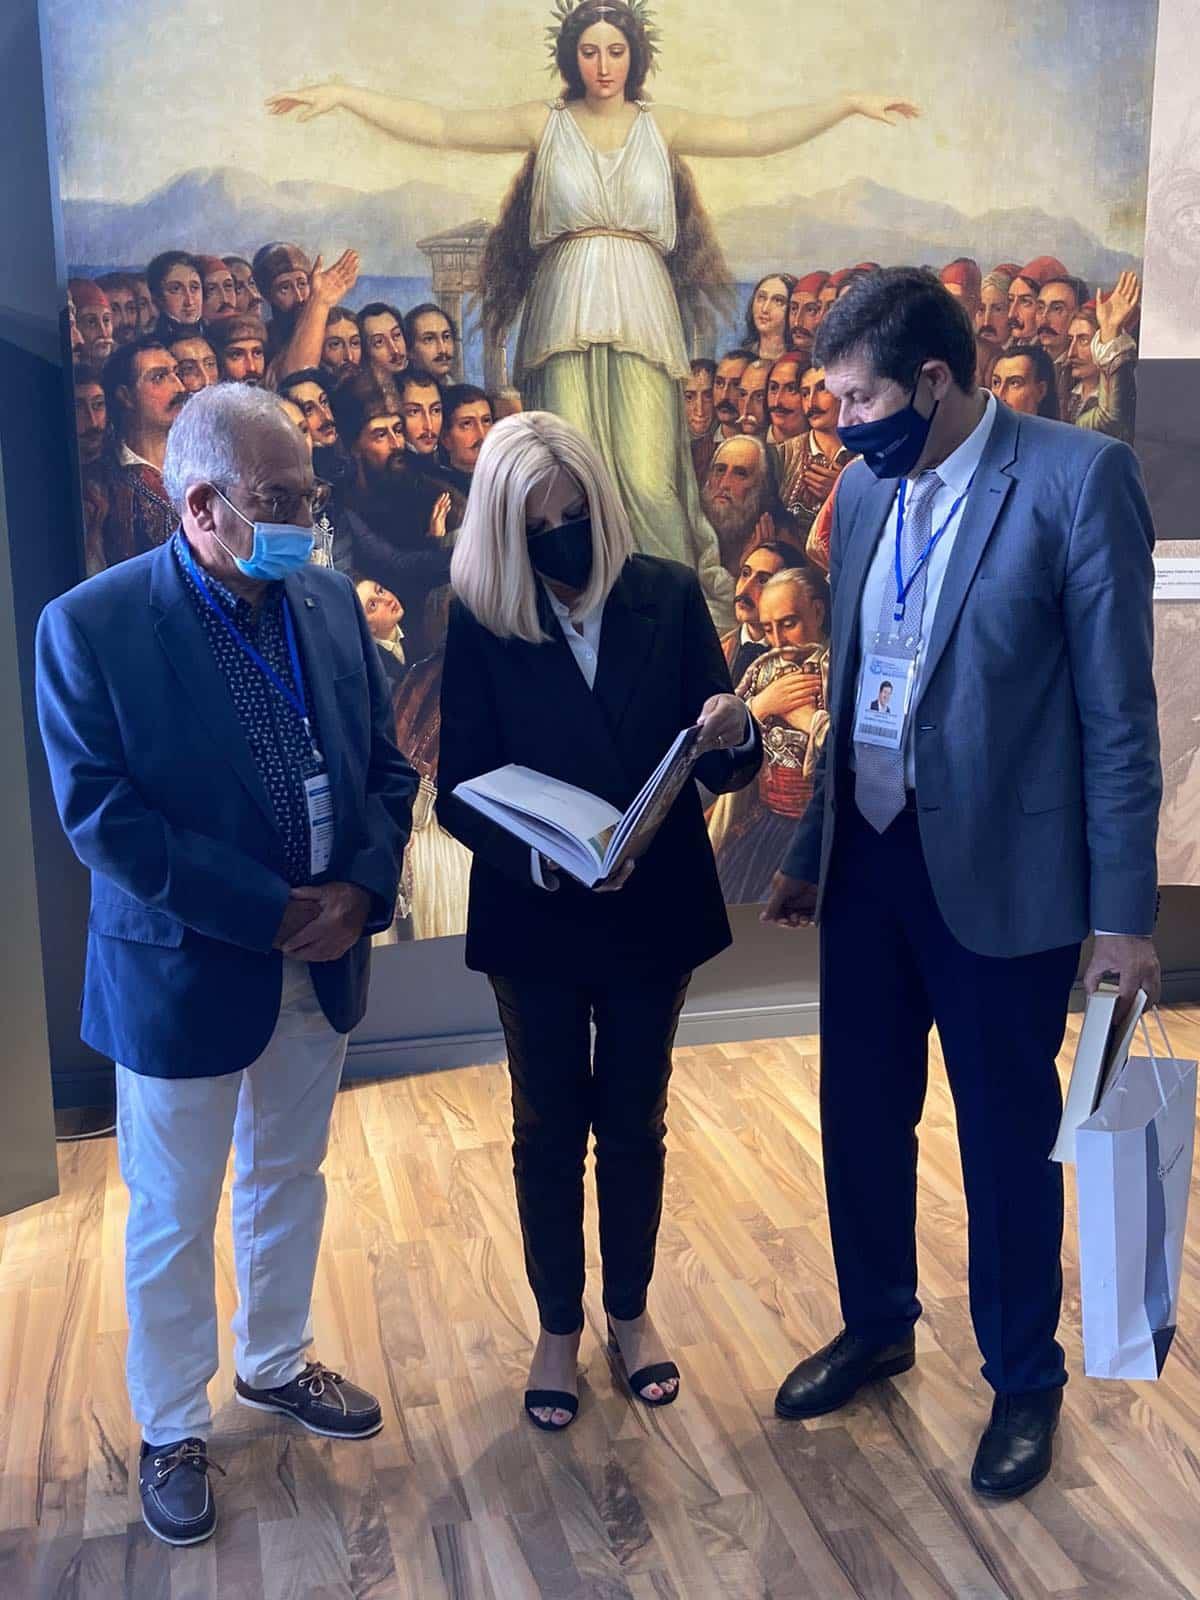 Στο επετειακό περίπτερο της Περιφέρειας Πελοποννήσου στην 85η ΔΕΘ η πρόεδρος του ΚΙΝΑΛ Φ. Γεννηματά